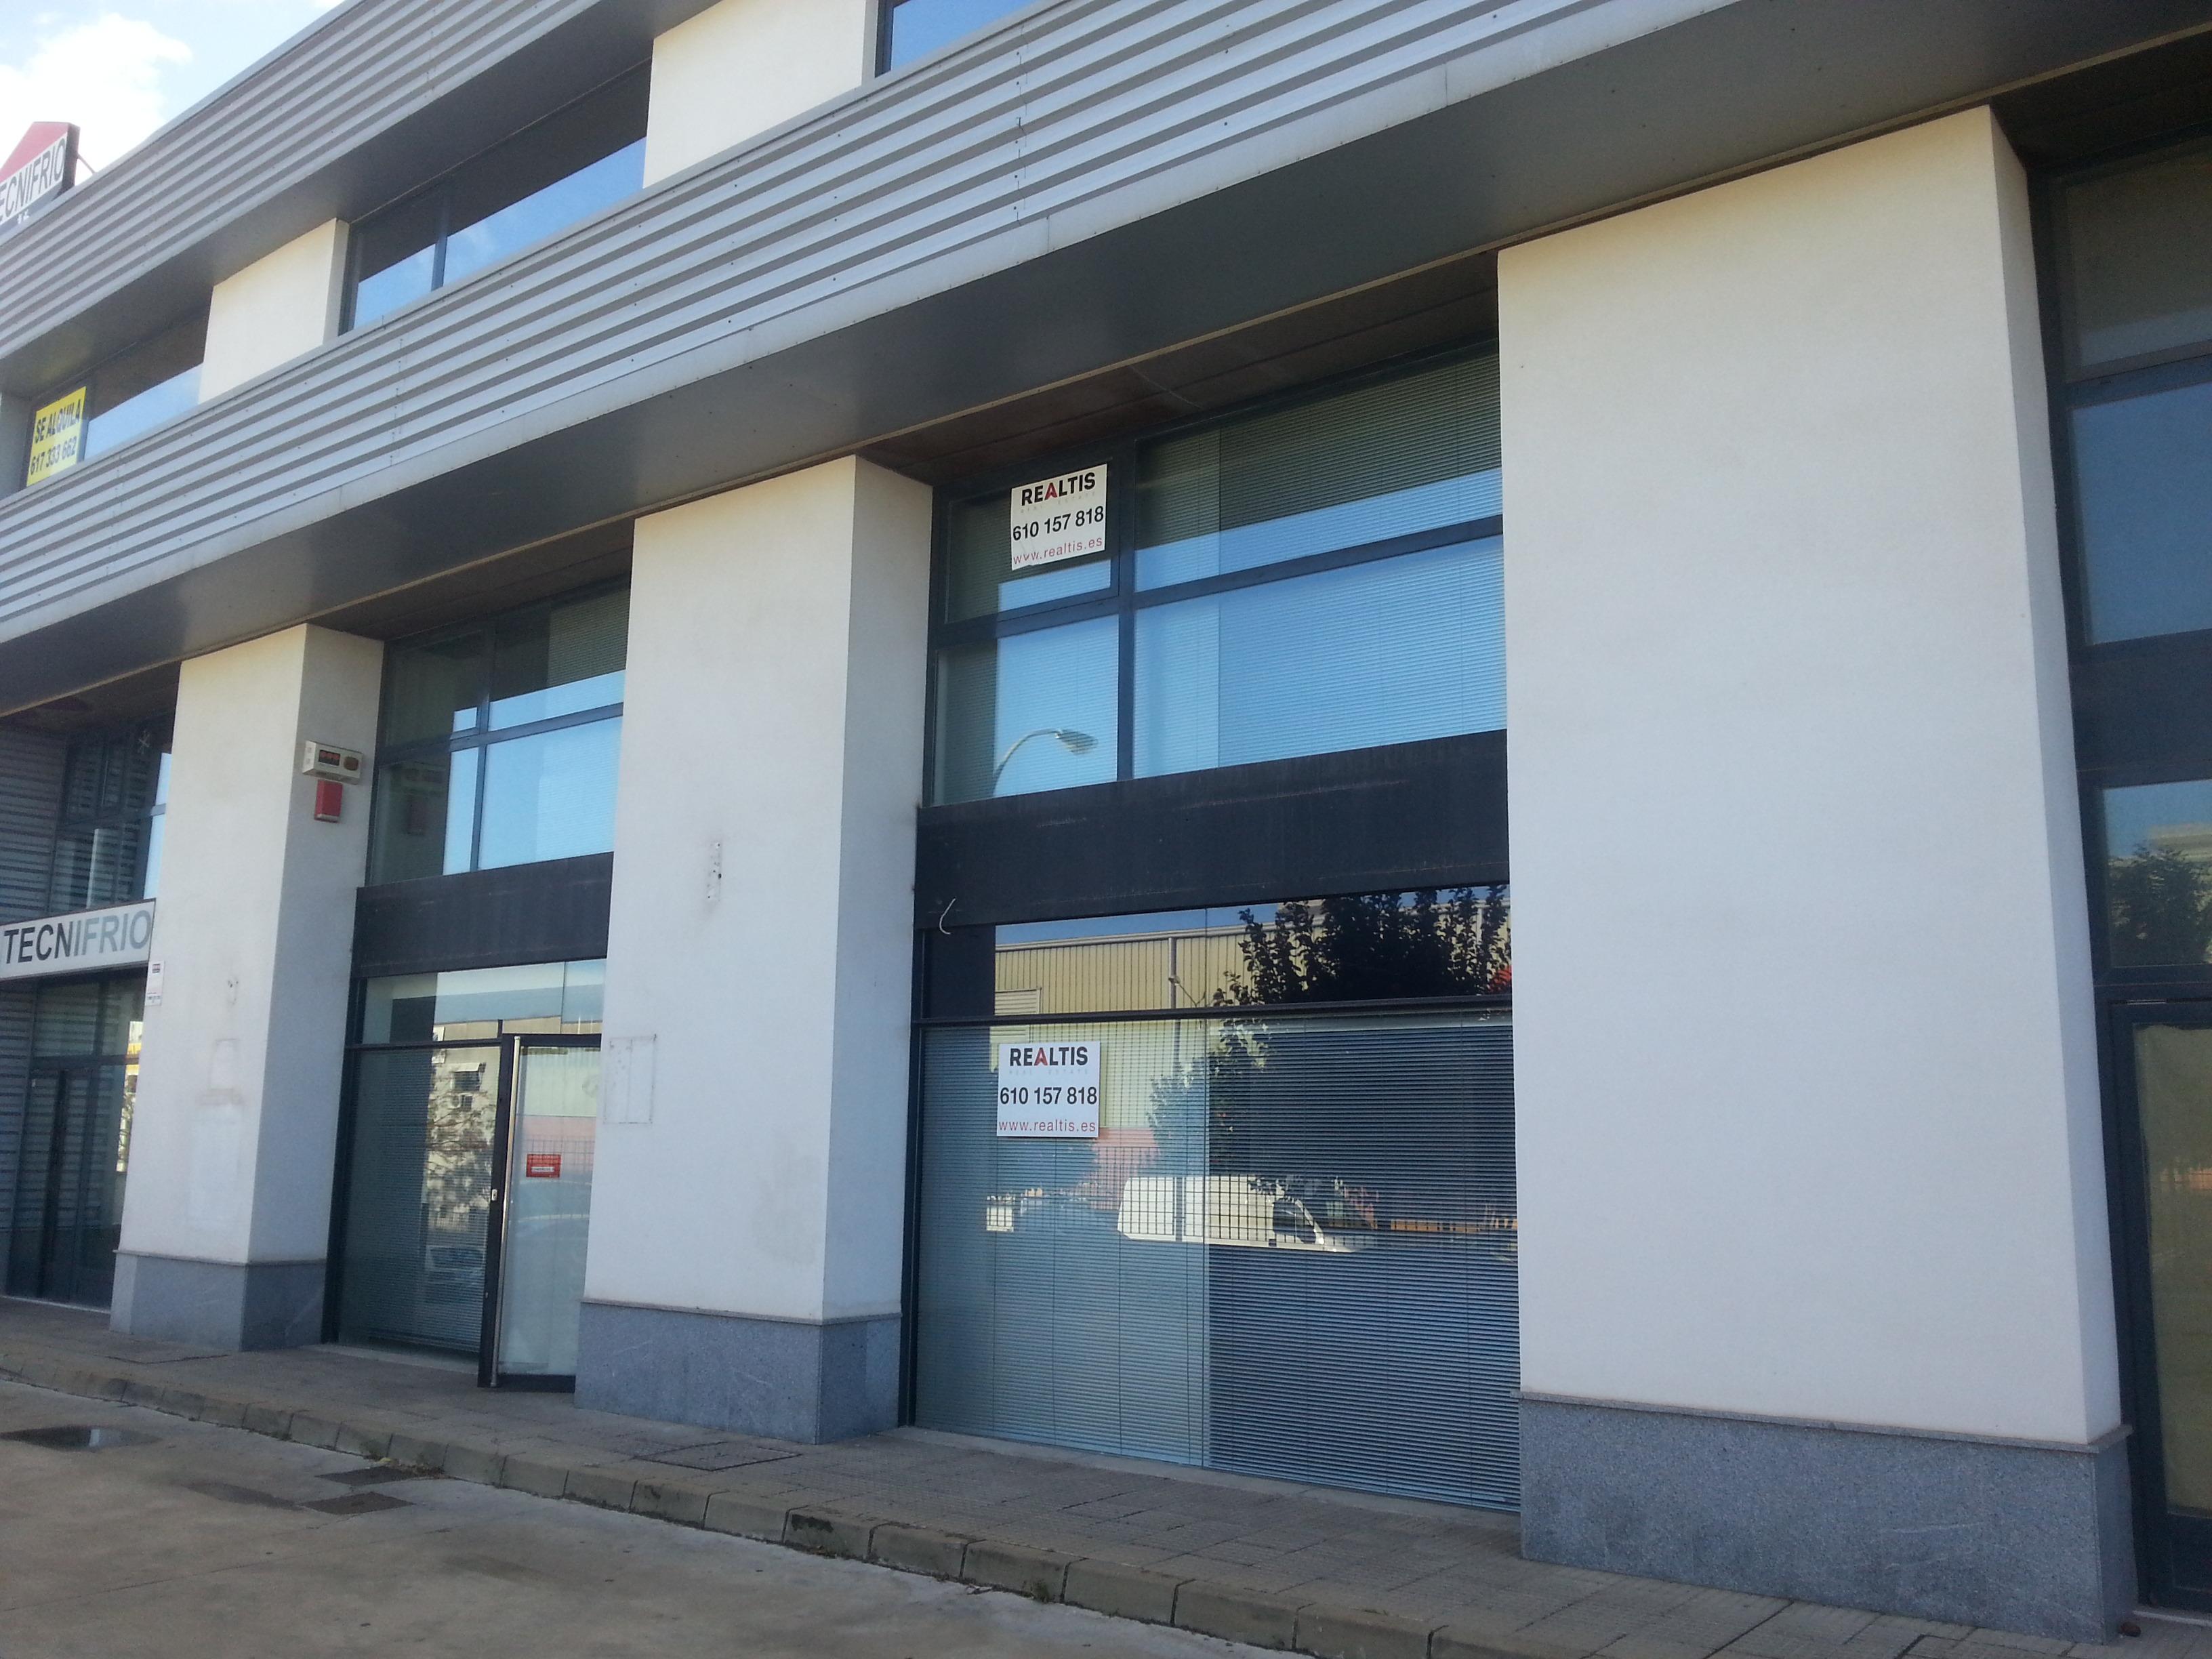 Local en edificio de oficinas pisa realtis for Edificio oficinas